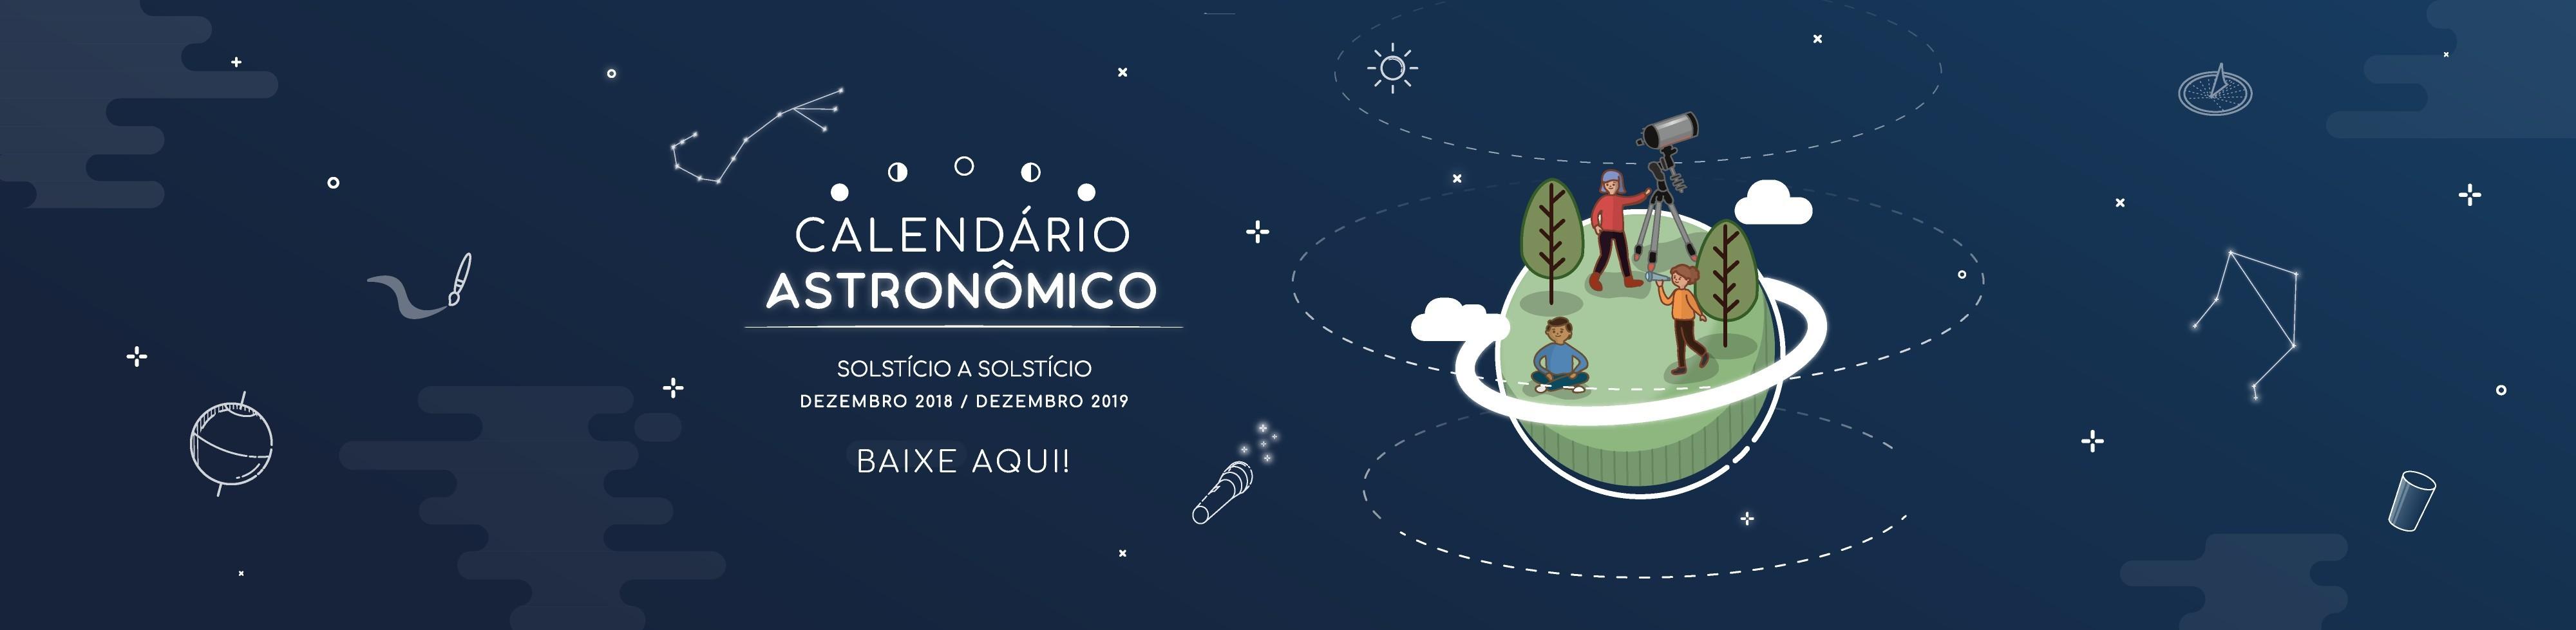 Calendario Oficial 2019 Chile Para Imprimir Mejores Y Más Novedosos Informes Calendario Hebraico 2019 Of Calendario Oficial 2019 Chile Para Imprimir Más Populares Informes Calendario Hebraico 2019